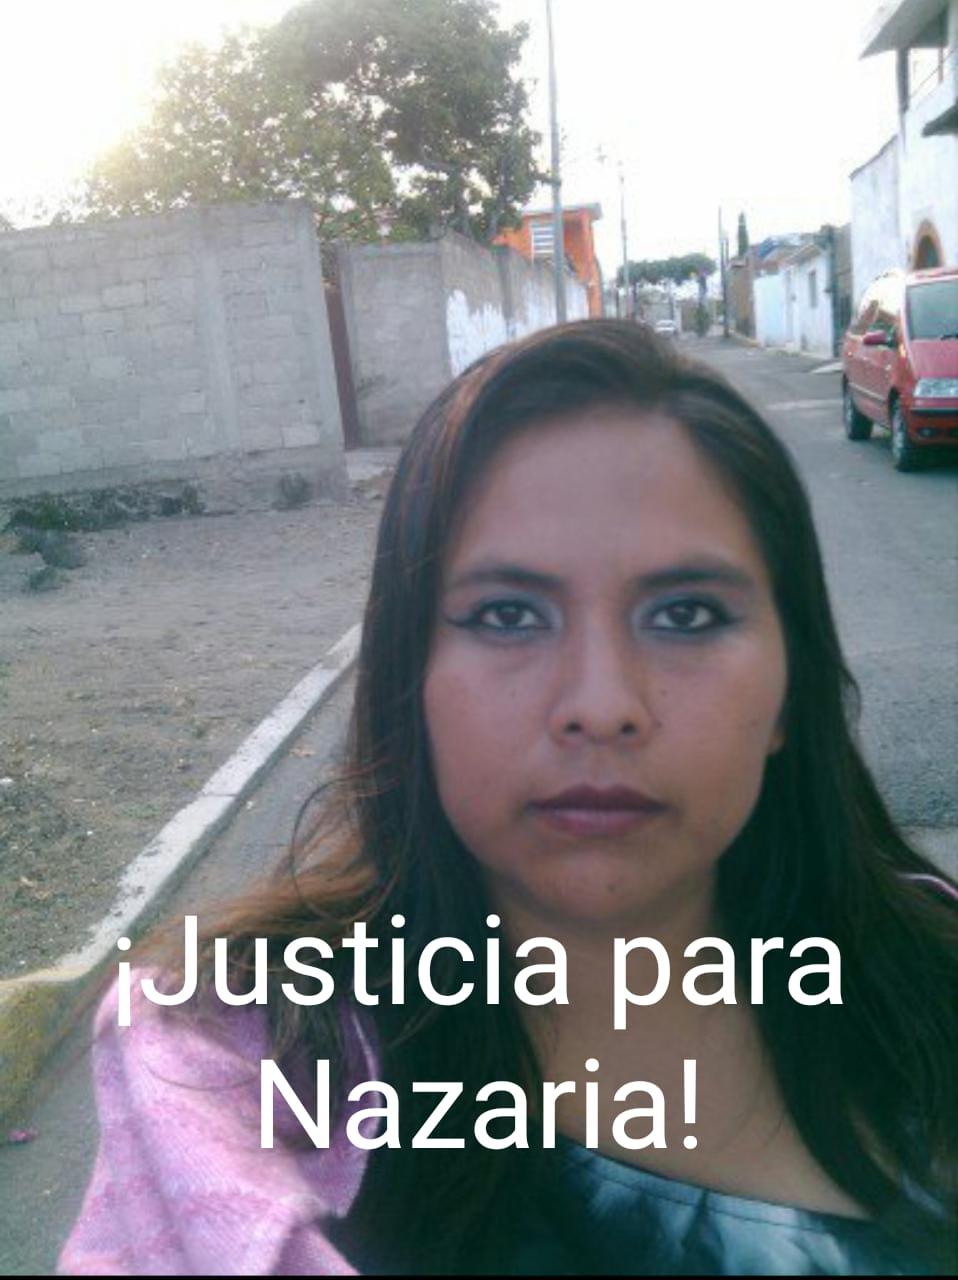 ¡Justicia para Nazaria! Mañana salen libres sus asesinos